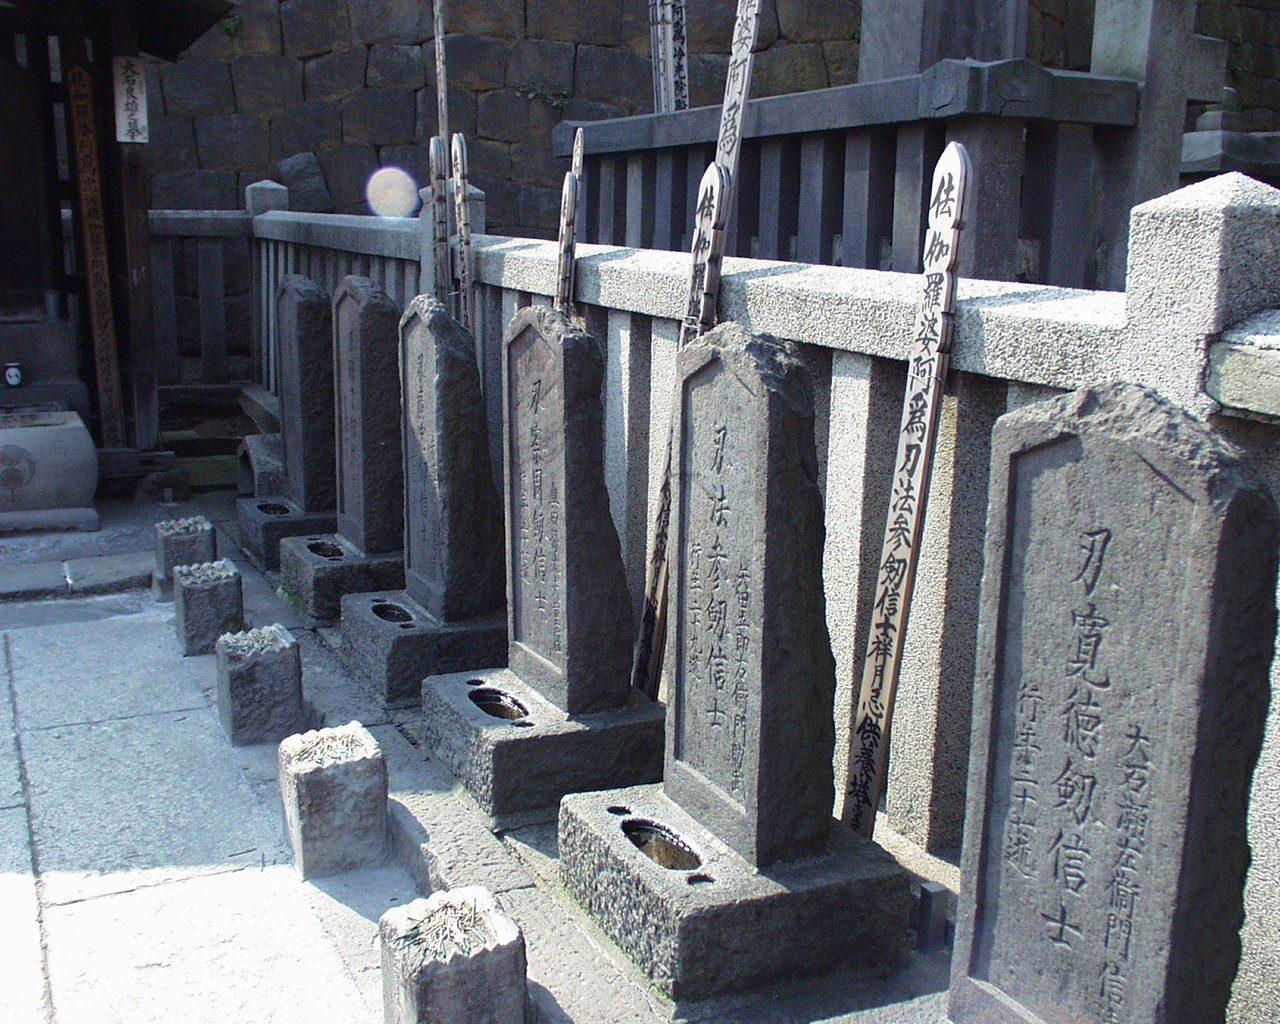 47 Rōnin